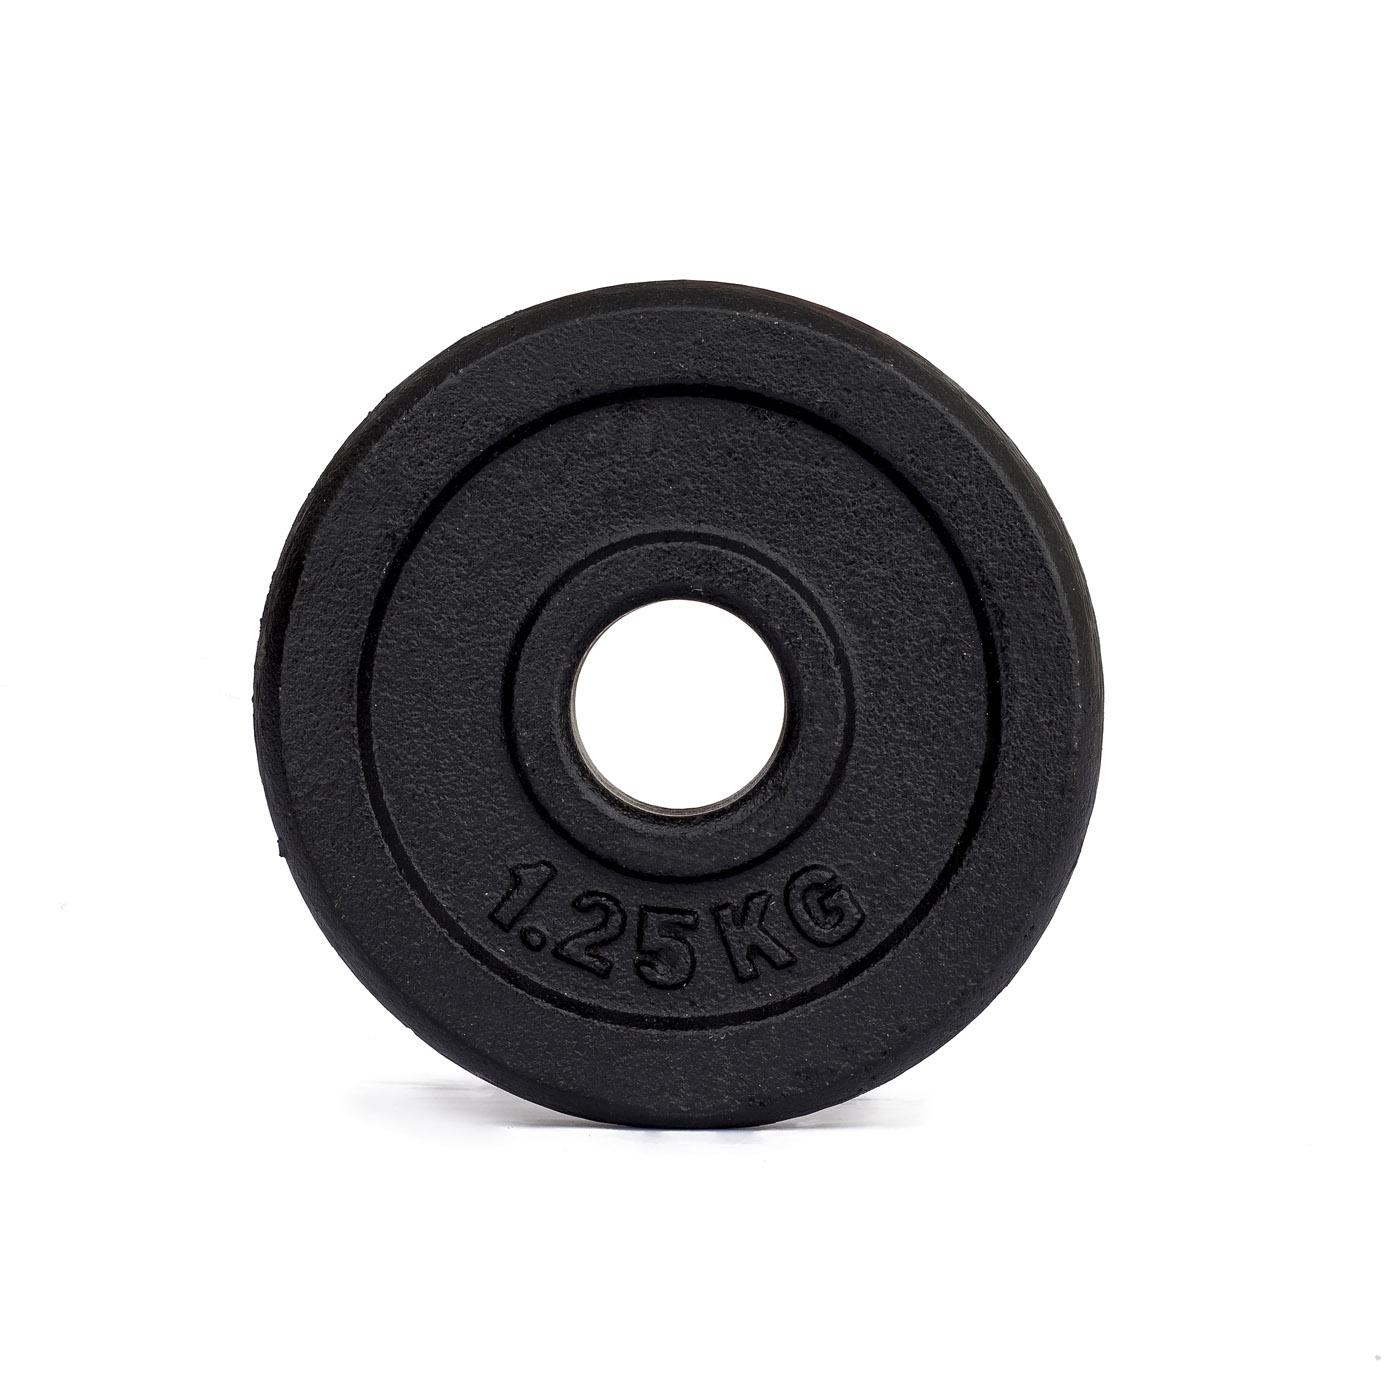 Závaží na činky TRINFIT litina 1,25 kg / 30 mm